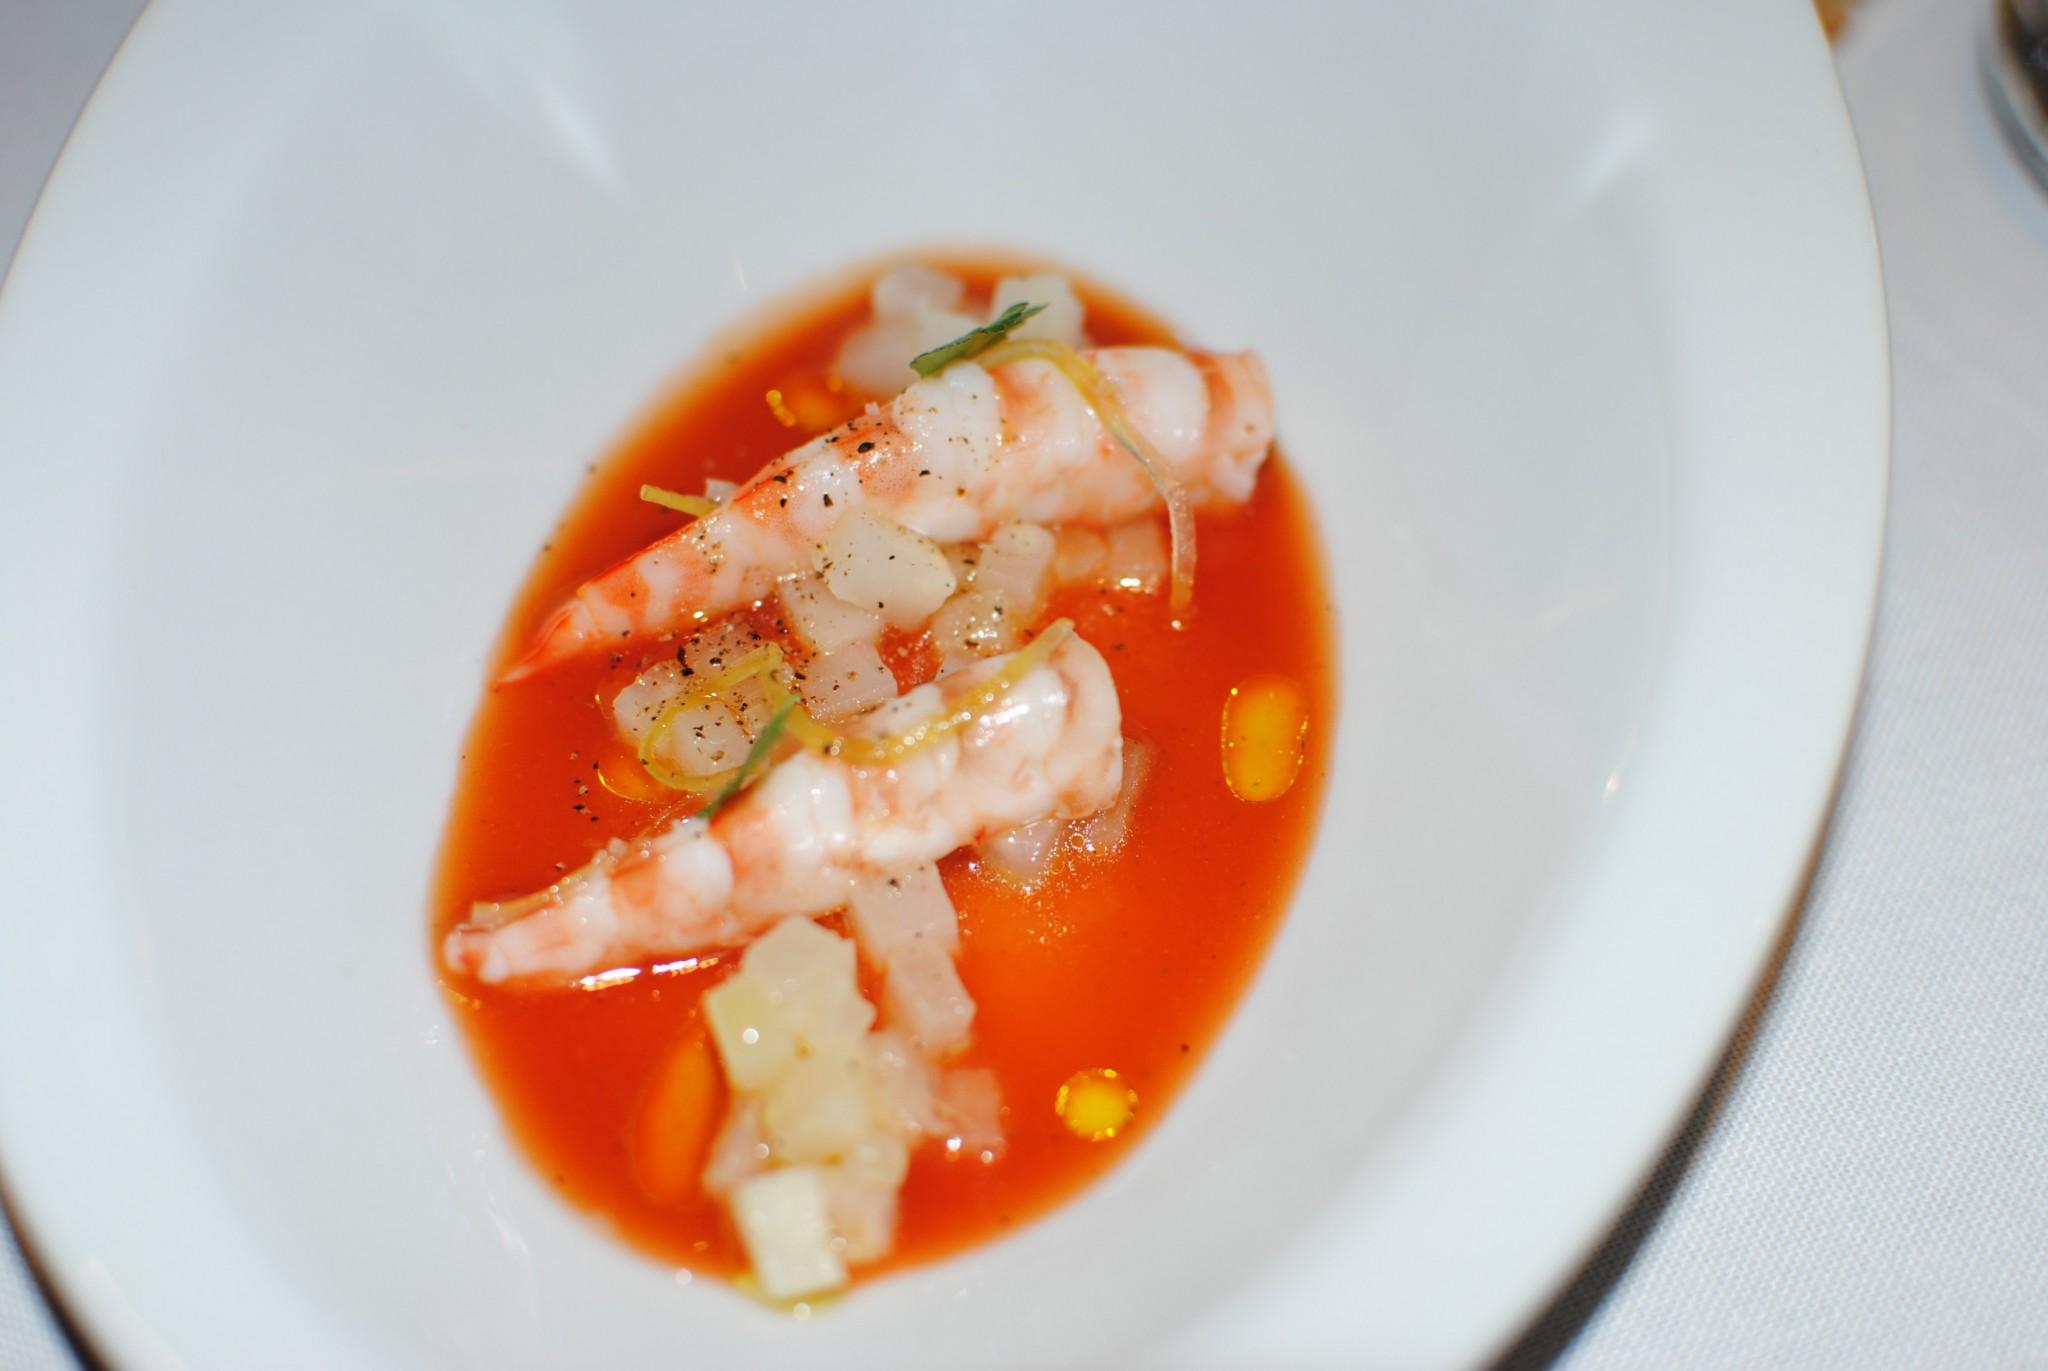 Sopa de tomate y gambas Montia San Lorenzo del Escorial